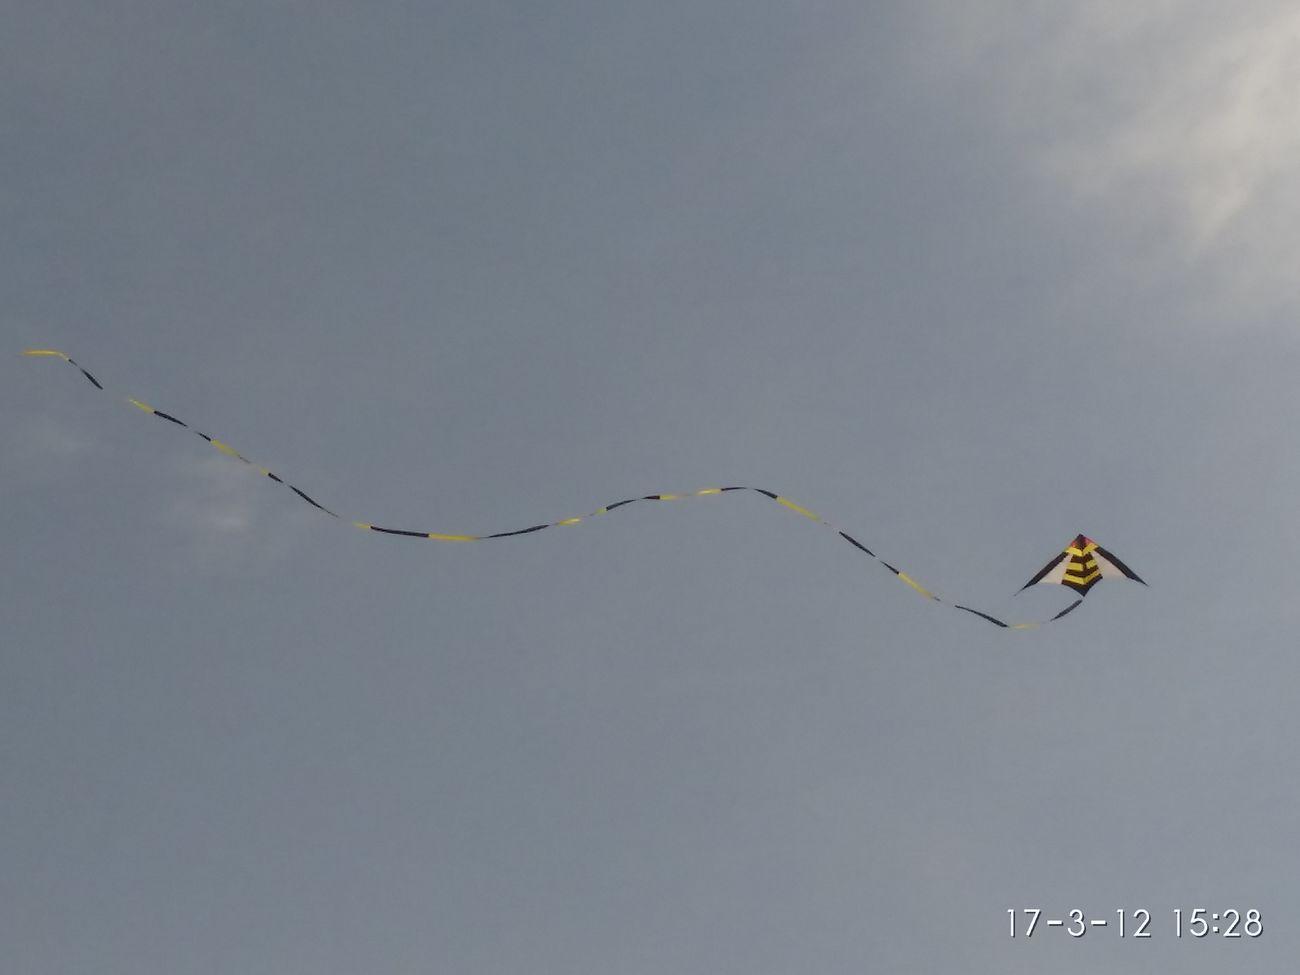 忙趁东风放纸鸢 Flying A Kite